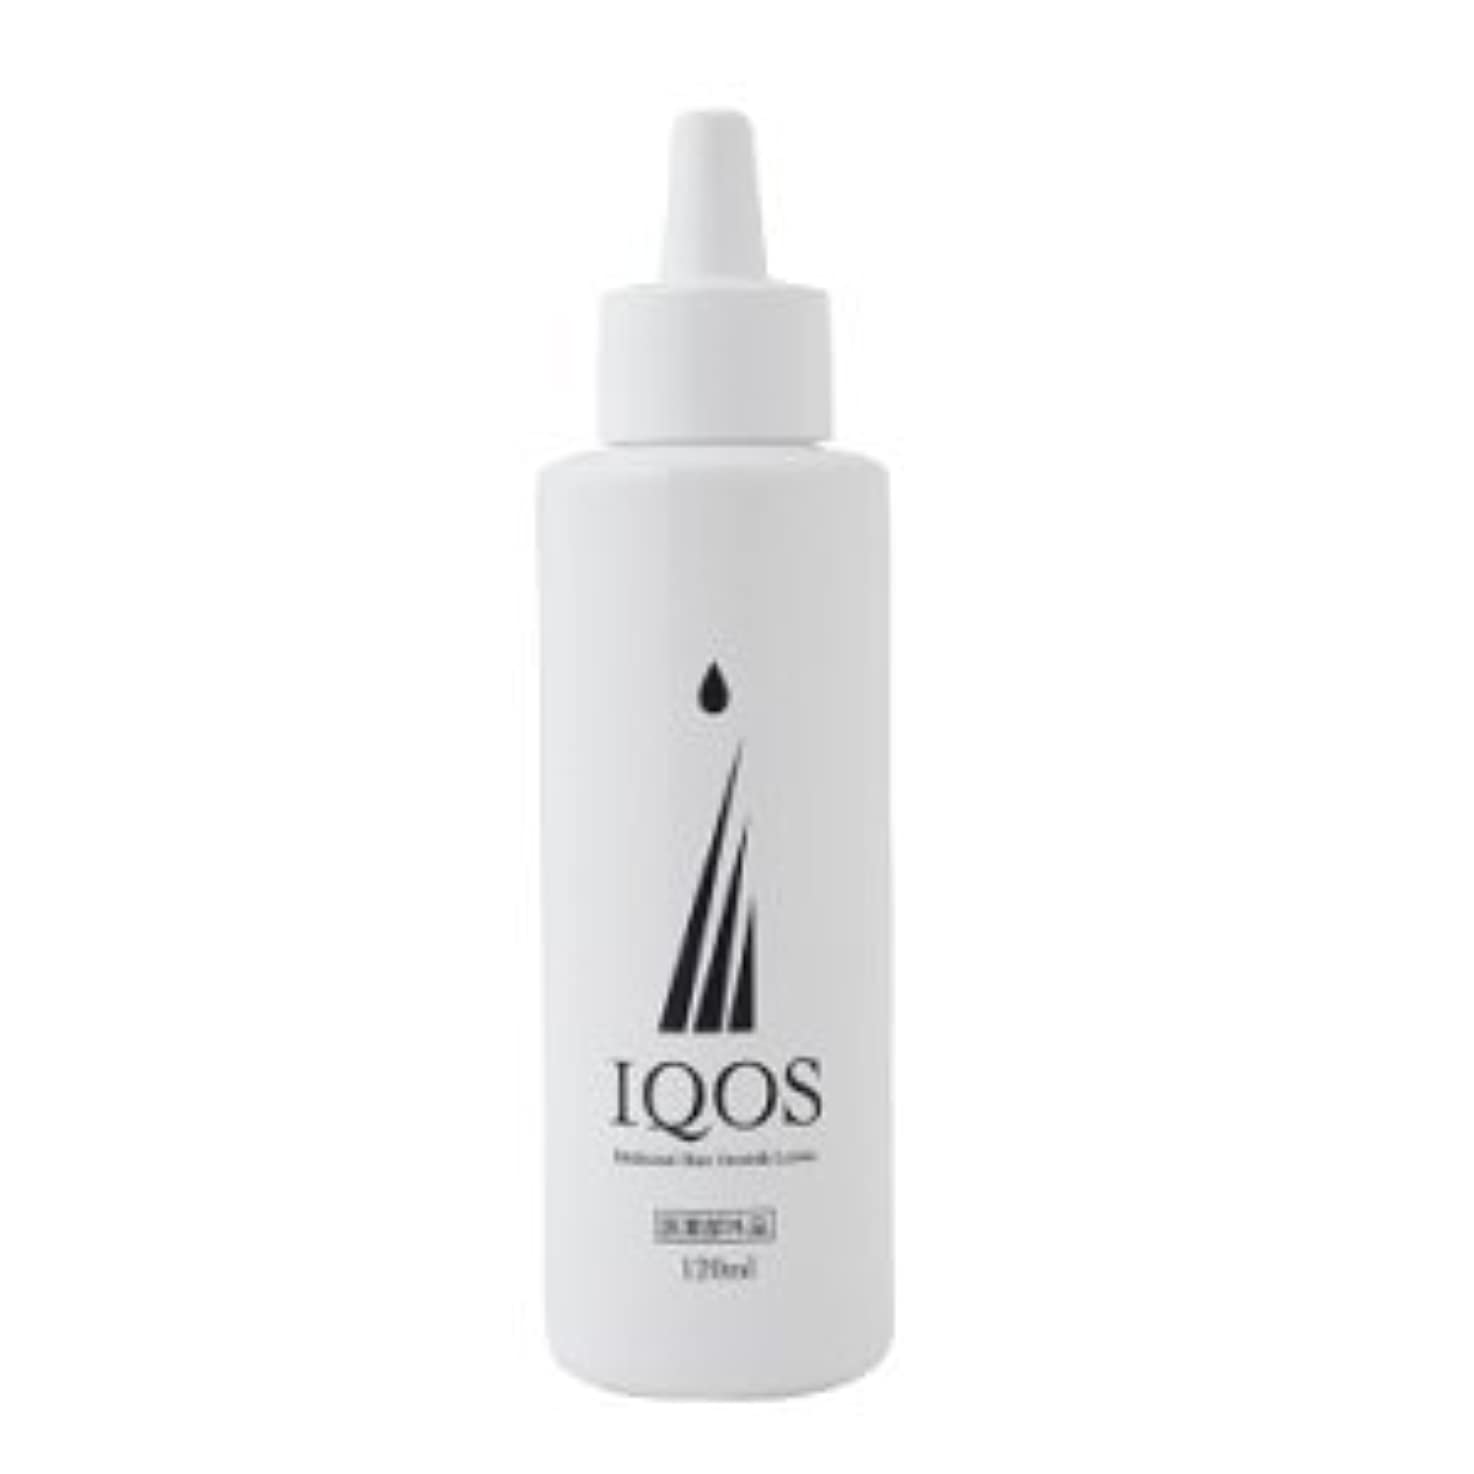 高潔な専門直感M-034を最大級配合 薬用育毛剤 IQOS イクオス 120ml